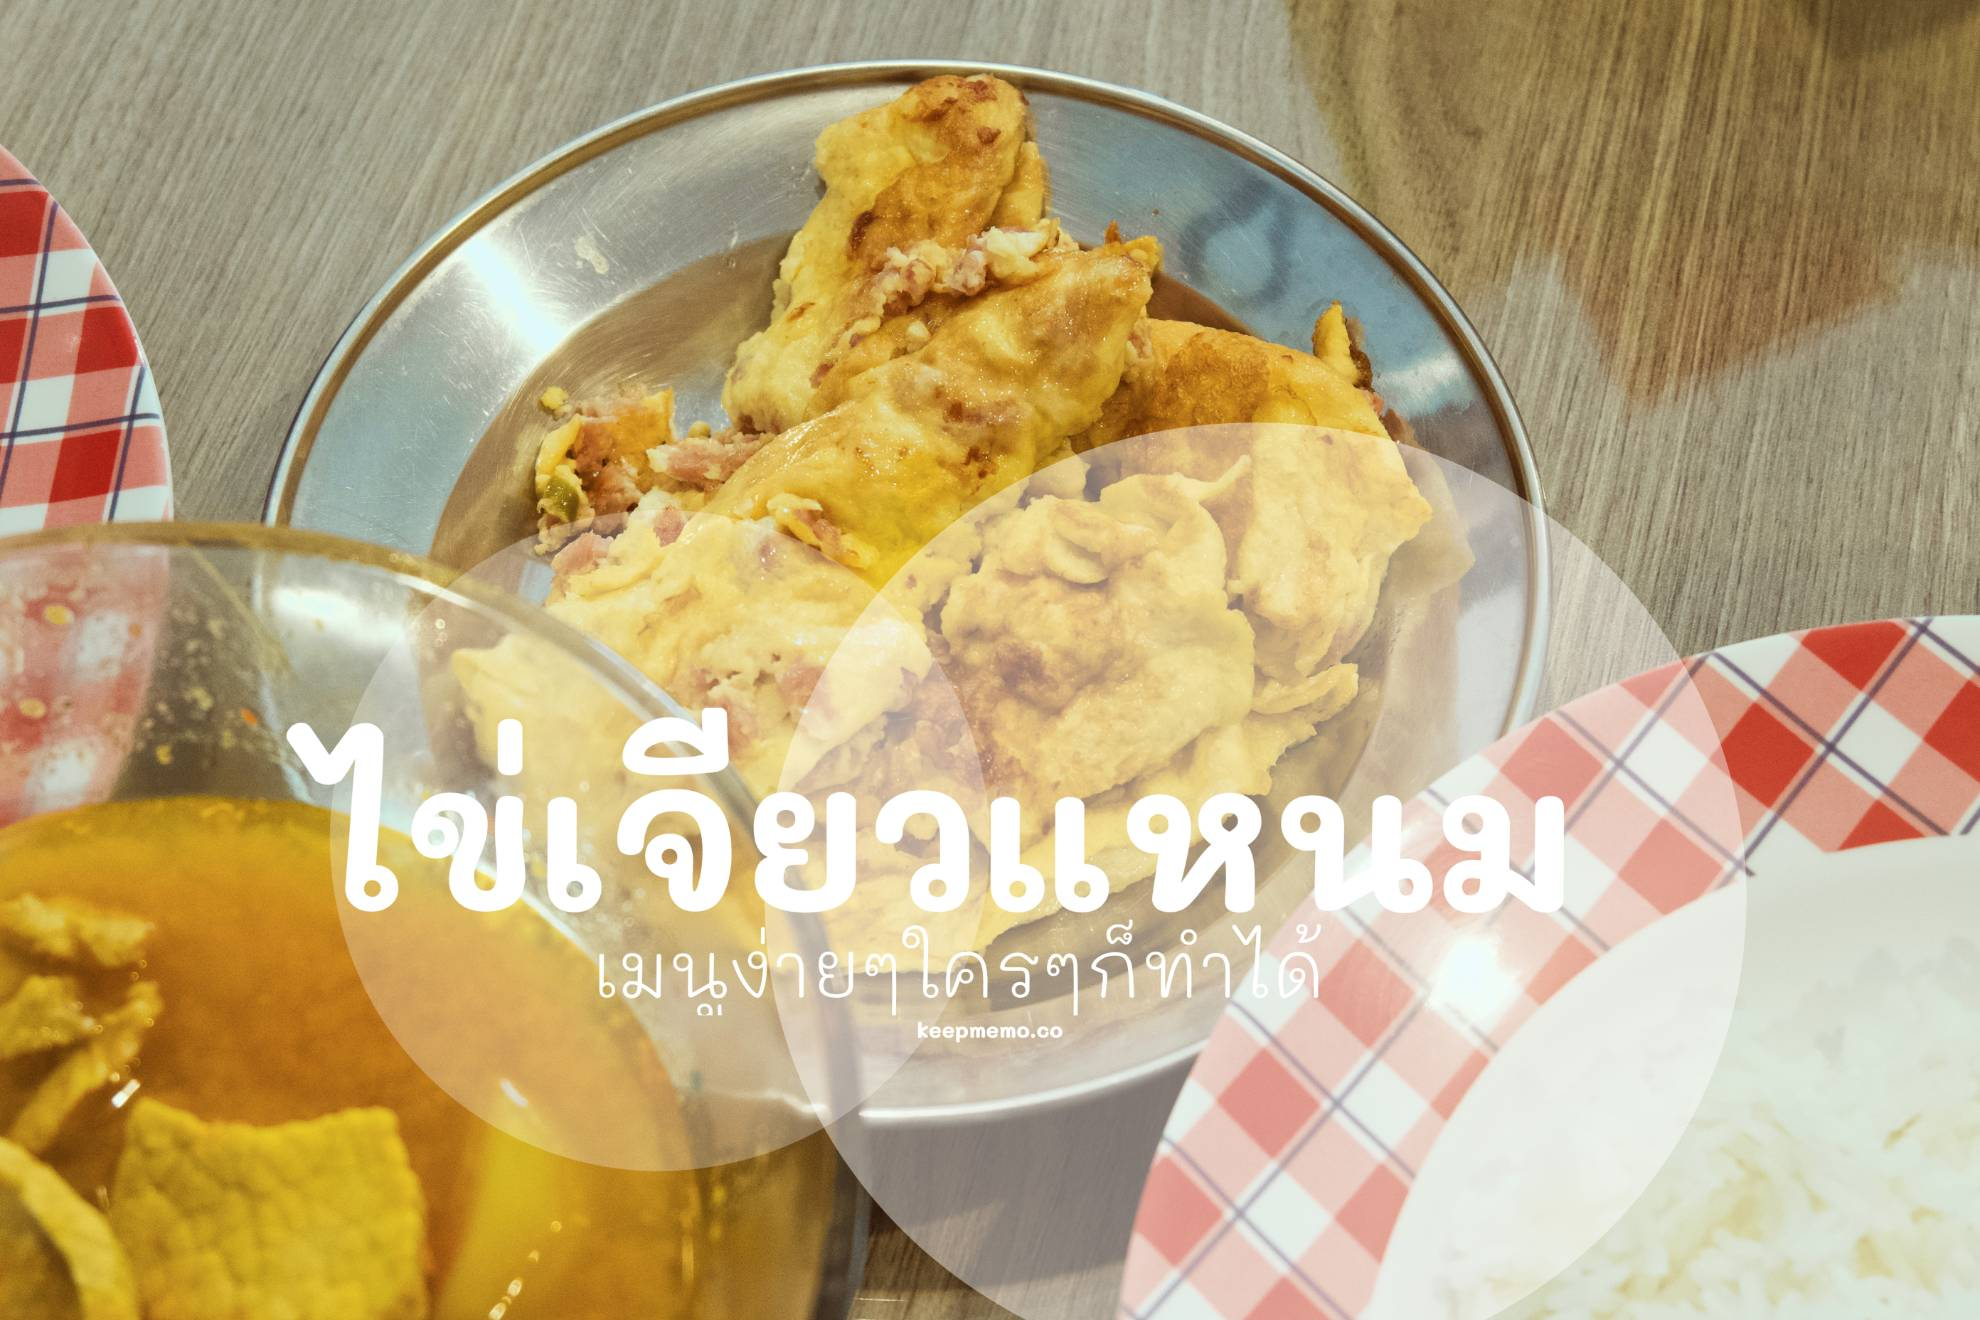 วันนี้เราเข้าครัว ทำเมนูง่ายๆ ที่ใครๆก็ทำได้ ไข่เจียวแหนม อร่อยมาก